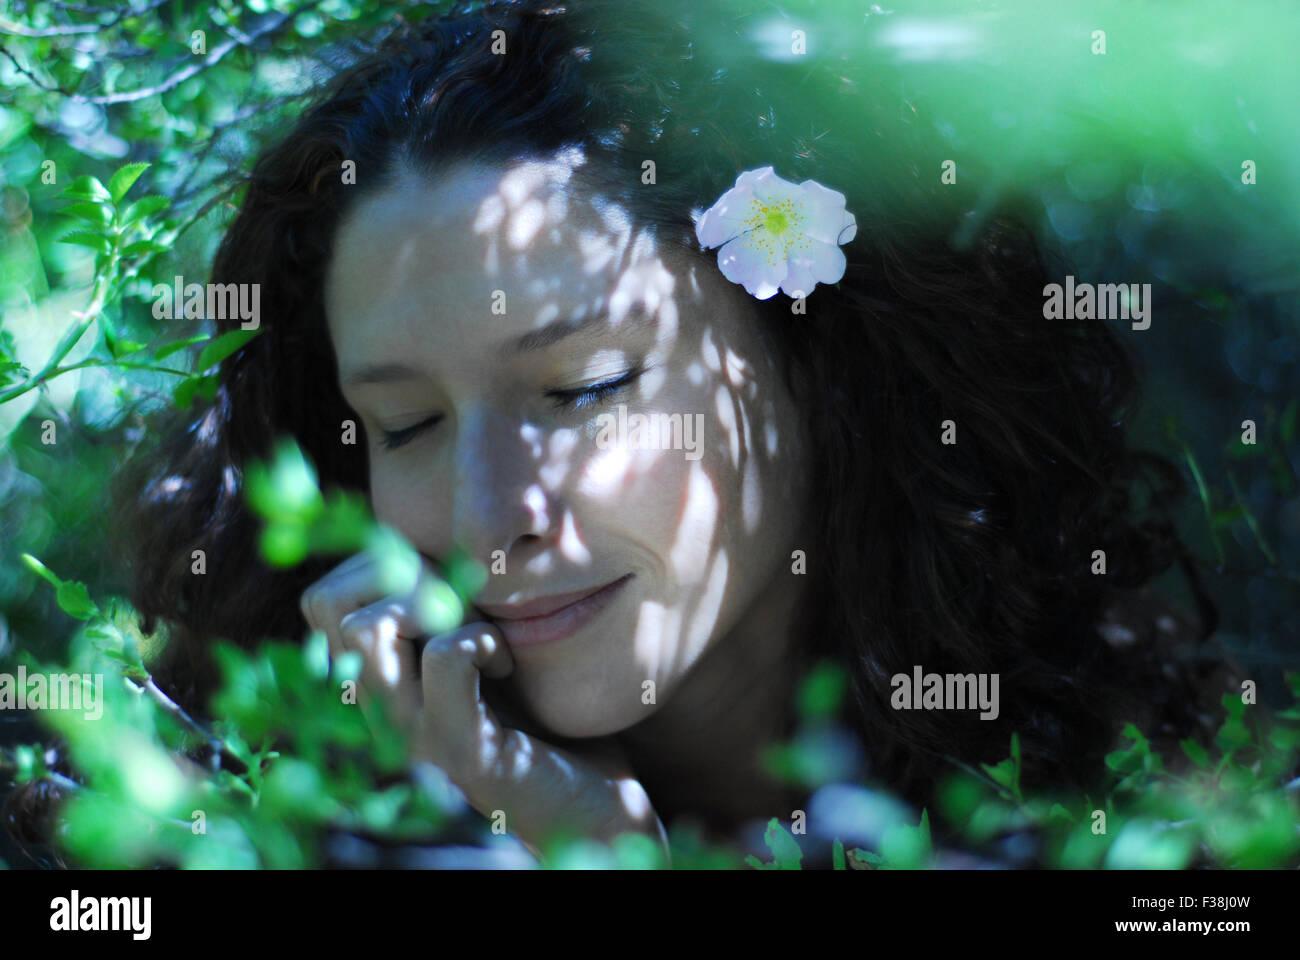 Cute girl entre beaucoup de feuilles vertes avec petite fleur rose tendre dans ses cheveux bouclés Photo Stock